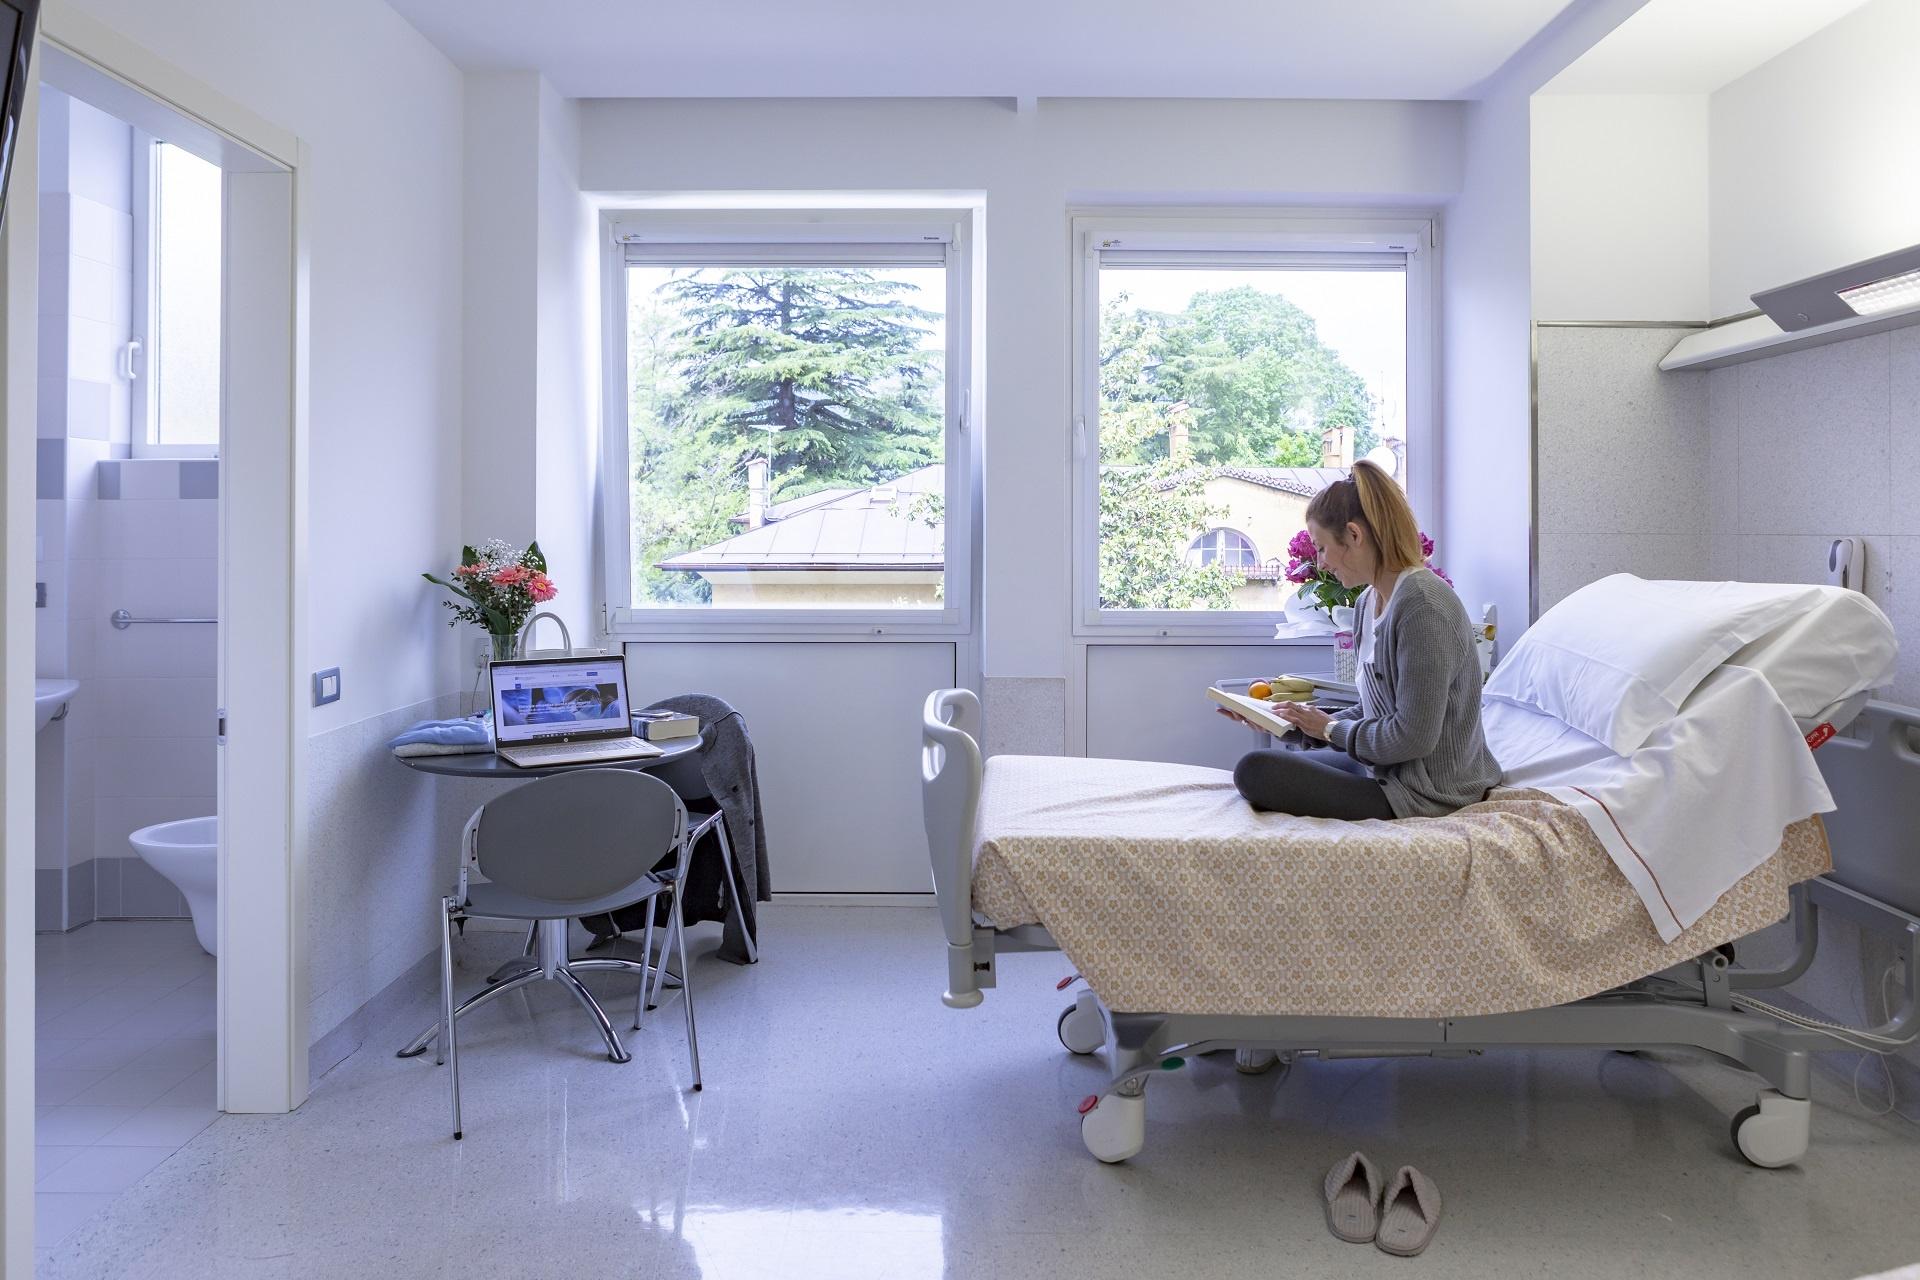 Ragazza seduta sul letto che legge un libro